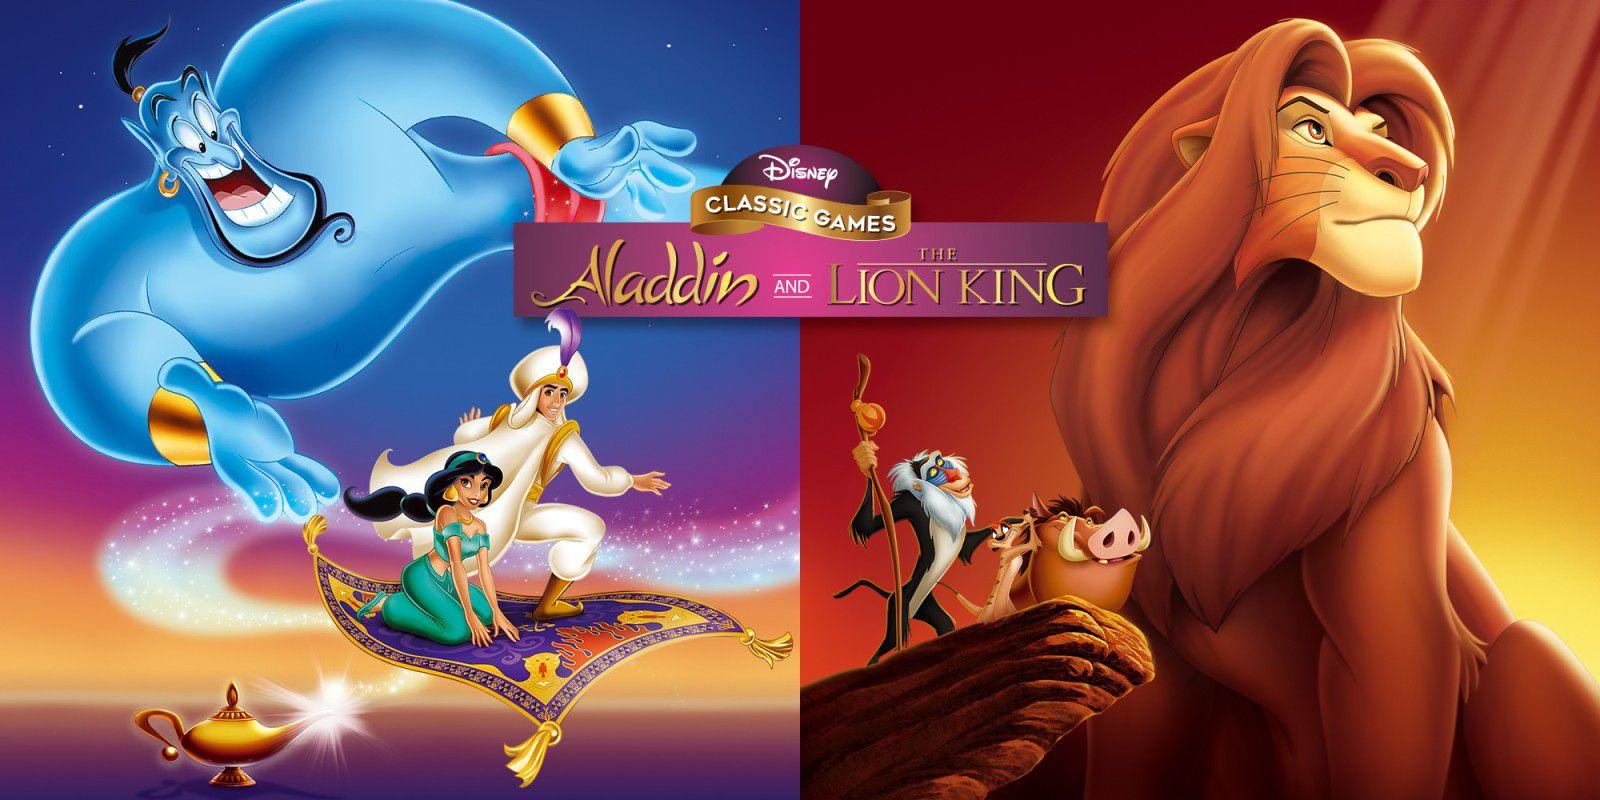 Jeu Aladdin and the Lion King Disney classics games sur Nintendo Switch (Dématérialisé)